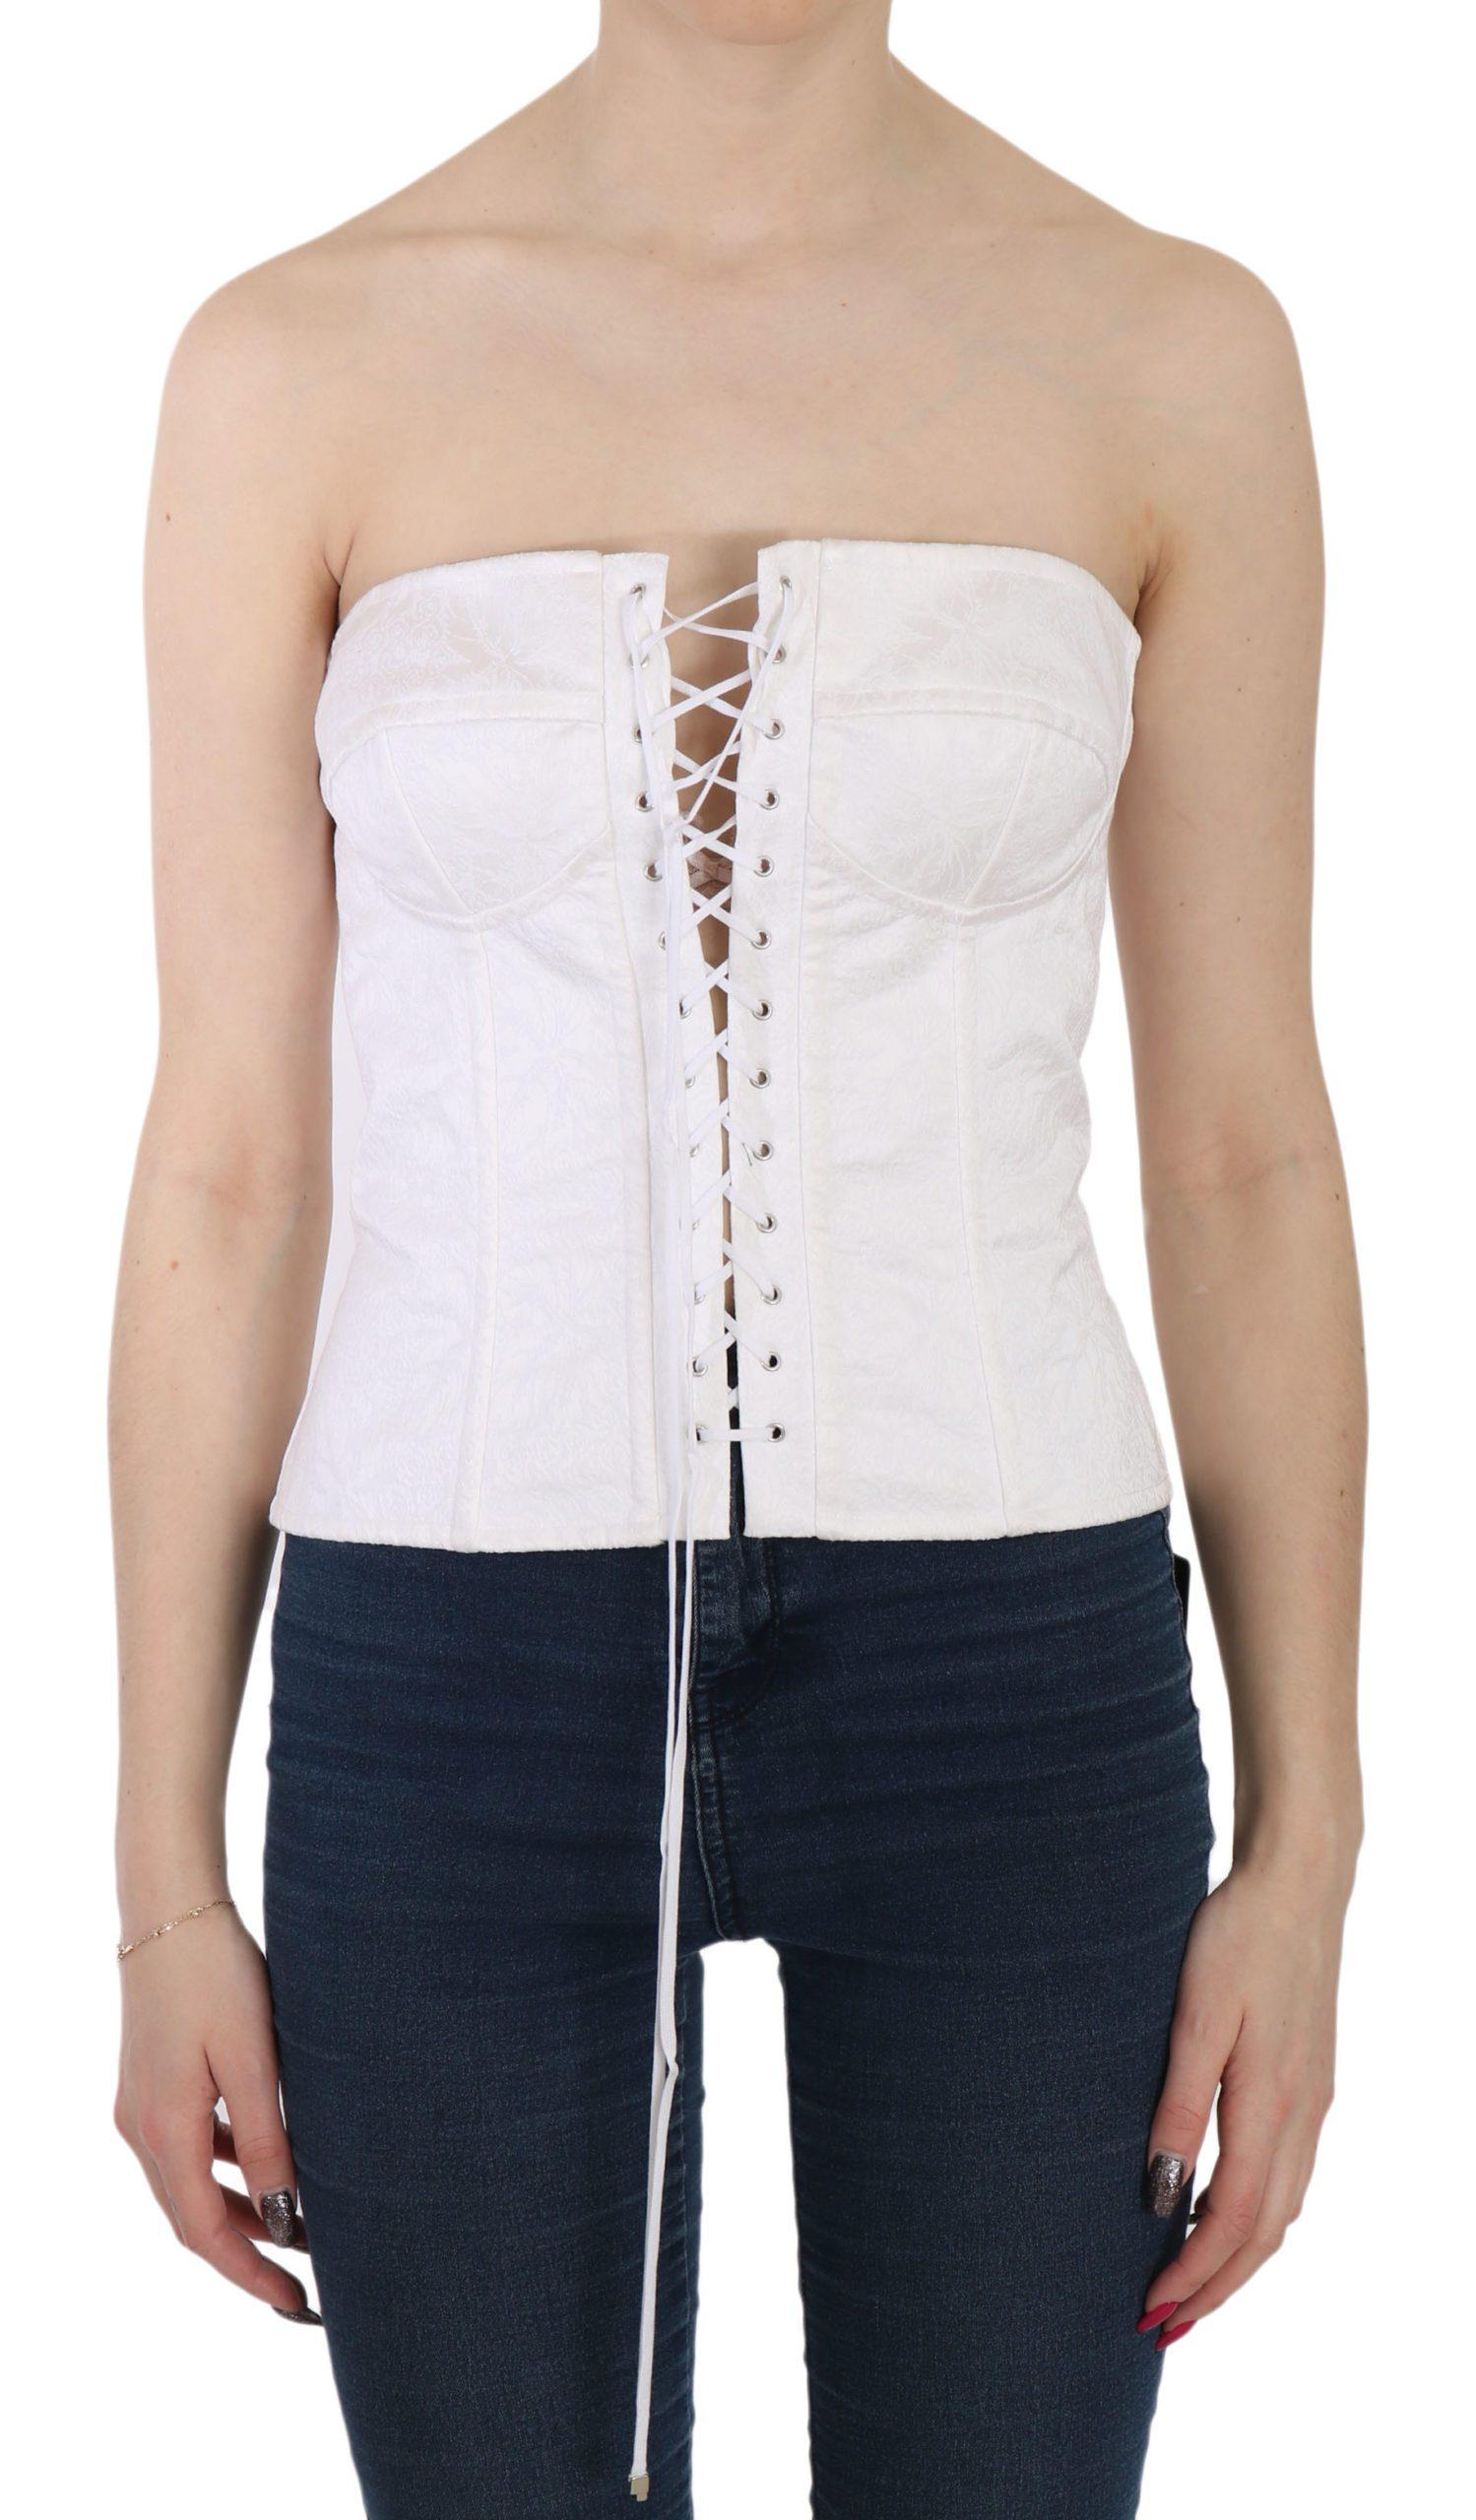 Dolce & Gabbana Women's Strapless Corset Top White TSH3398 - IT46|XL